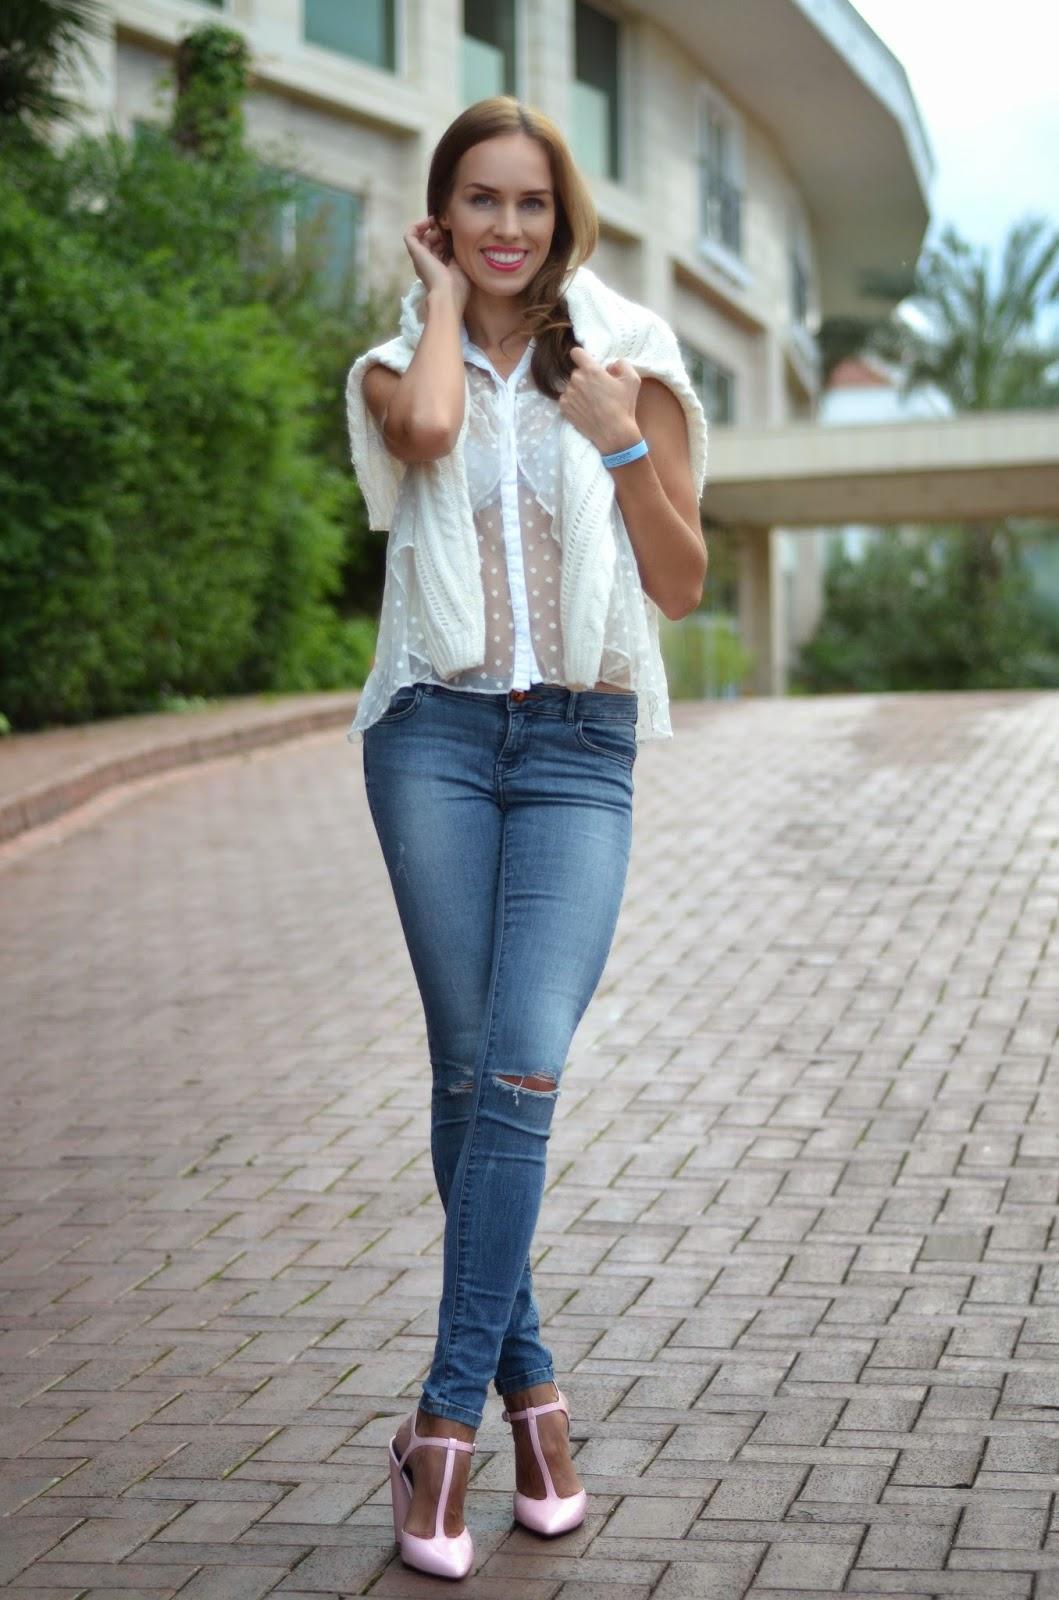 asos-dotted-sheer-blouse-white-zara-ripped-jeans-t-strap-block-heels-pink kristjaana mere